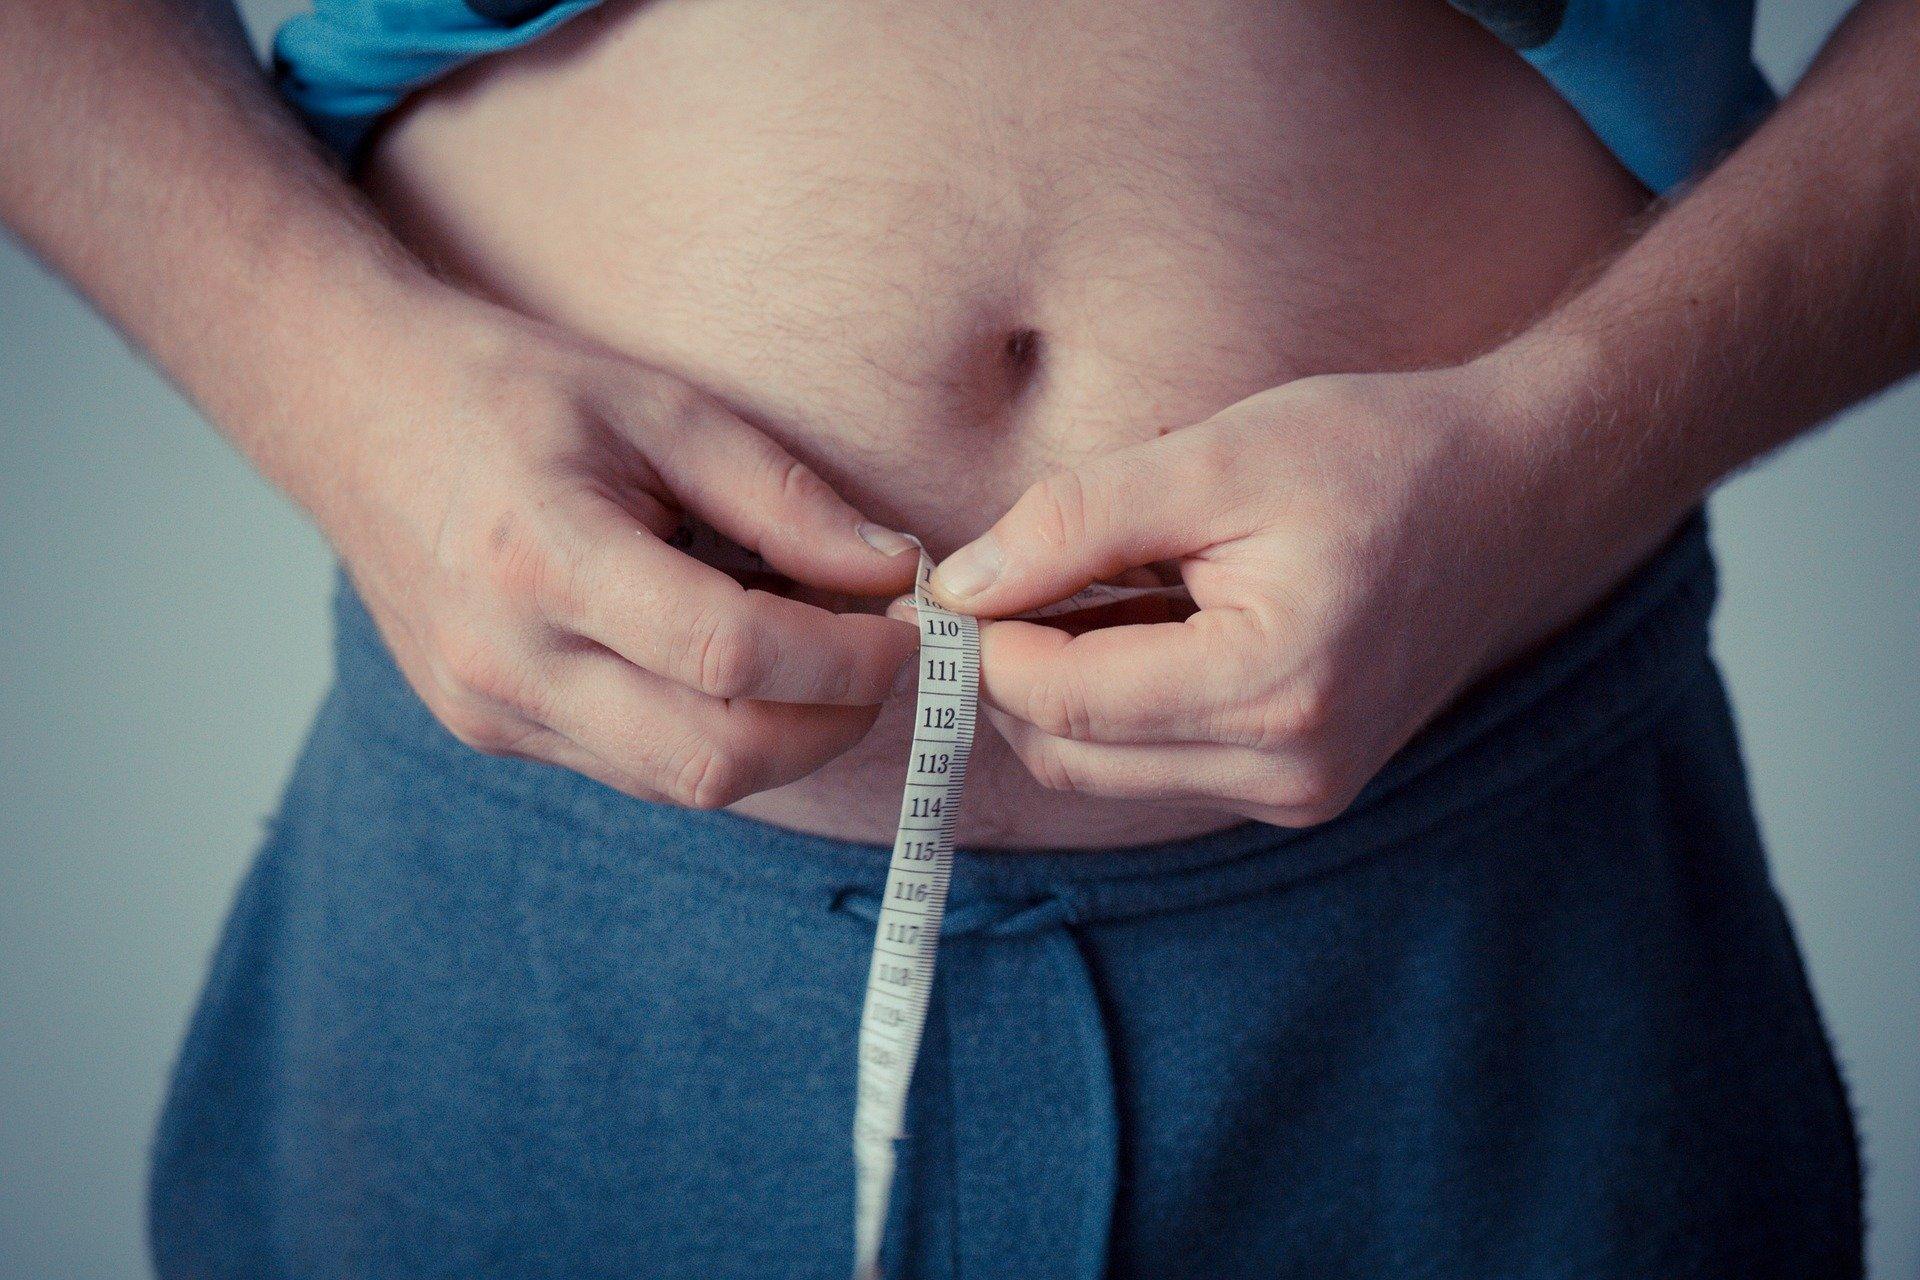 dieta sovrappeso obesità viareggioeggio